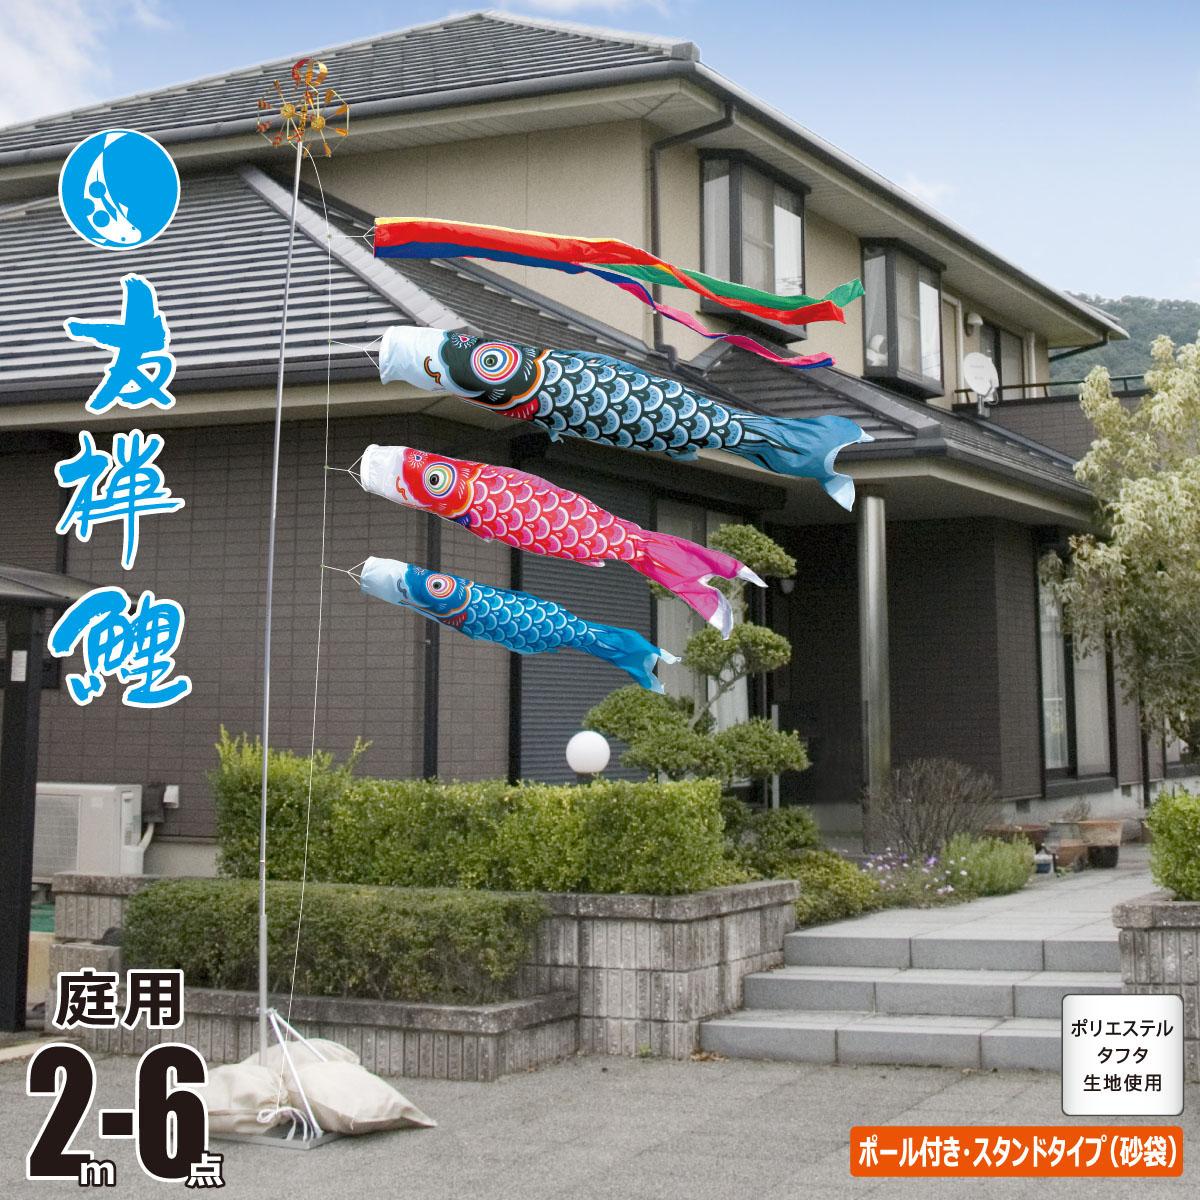 こいのぼり 2m 友禅鯉 6点 (矢車、ロープ、吹流し、鯉3匹) 庭園用 スタンドセット (庭用 スタンド 砂袋3枚入り) 徳永鯉のぼり KIT-116-250